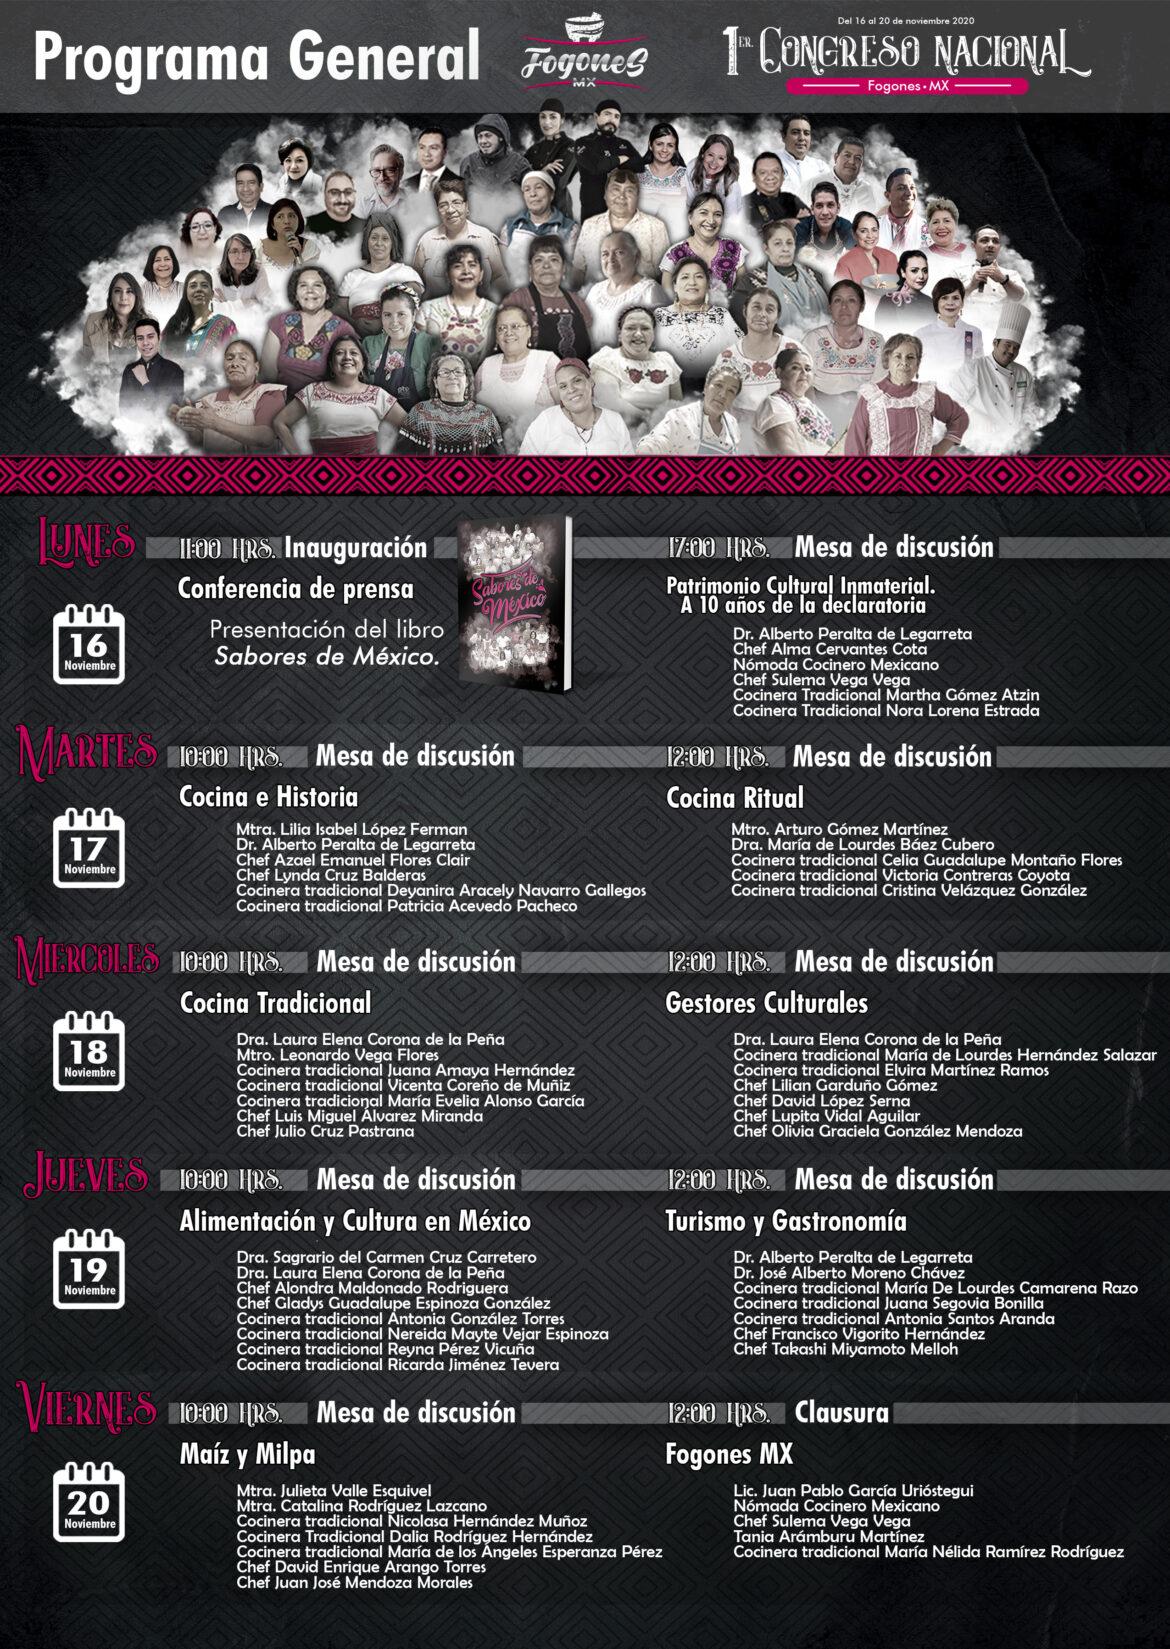 Invitan a participar en el 1er Congreso Nacional Fogones MX / Presentación del libro «Sabores de México»